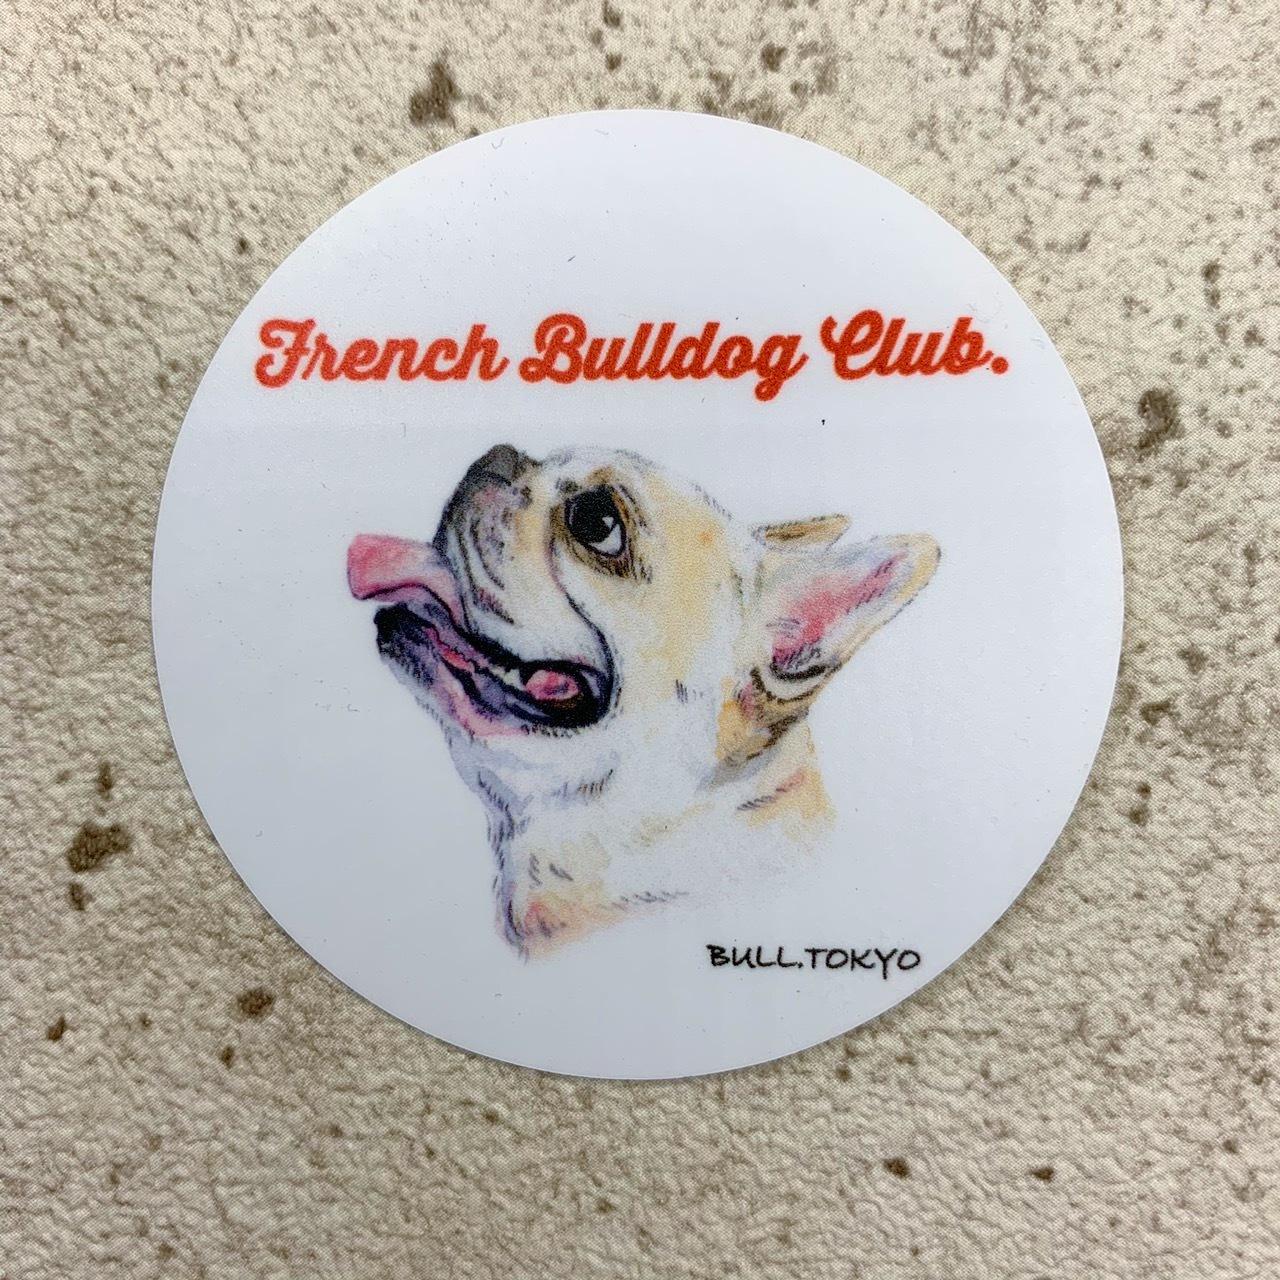 Bull.Tokyo オリジナル ステッカー Part.2 「- French Bulldog Club -」クリーム